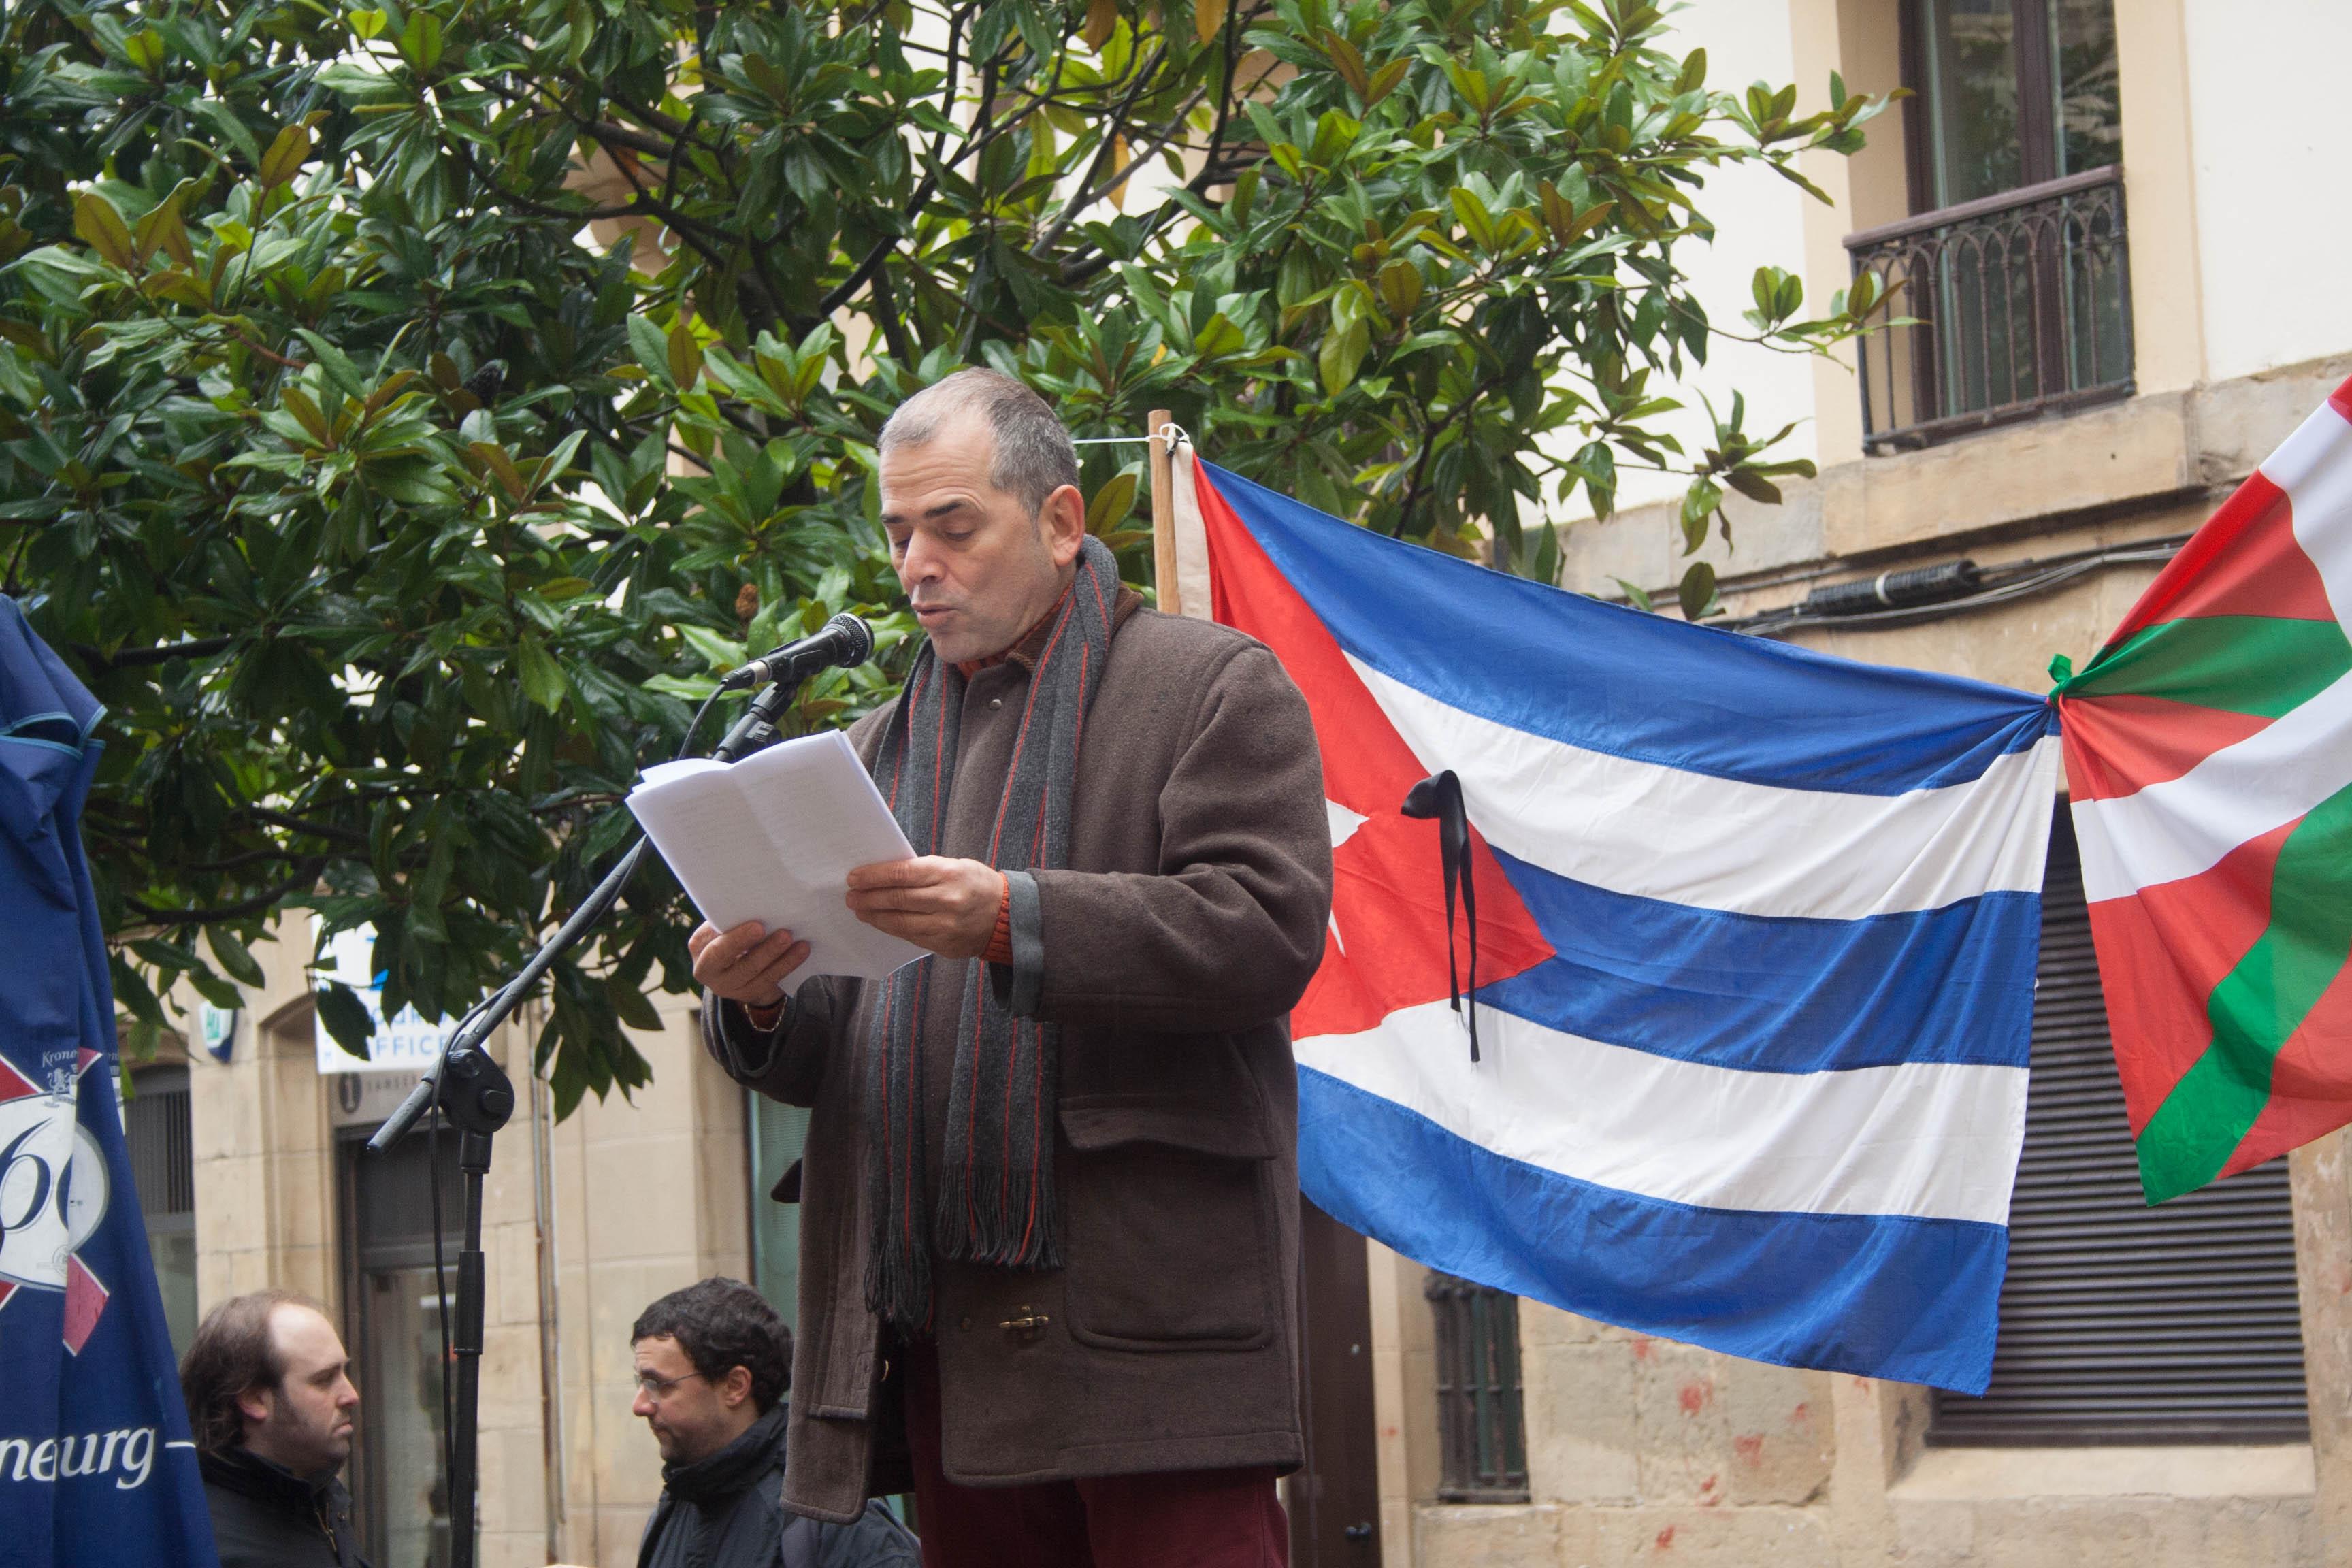 Homenaje a Fidel en Donostia 2 de diciembre de 2017